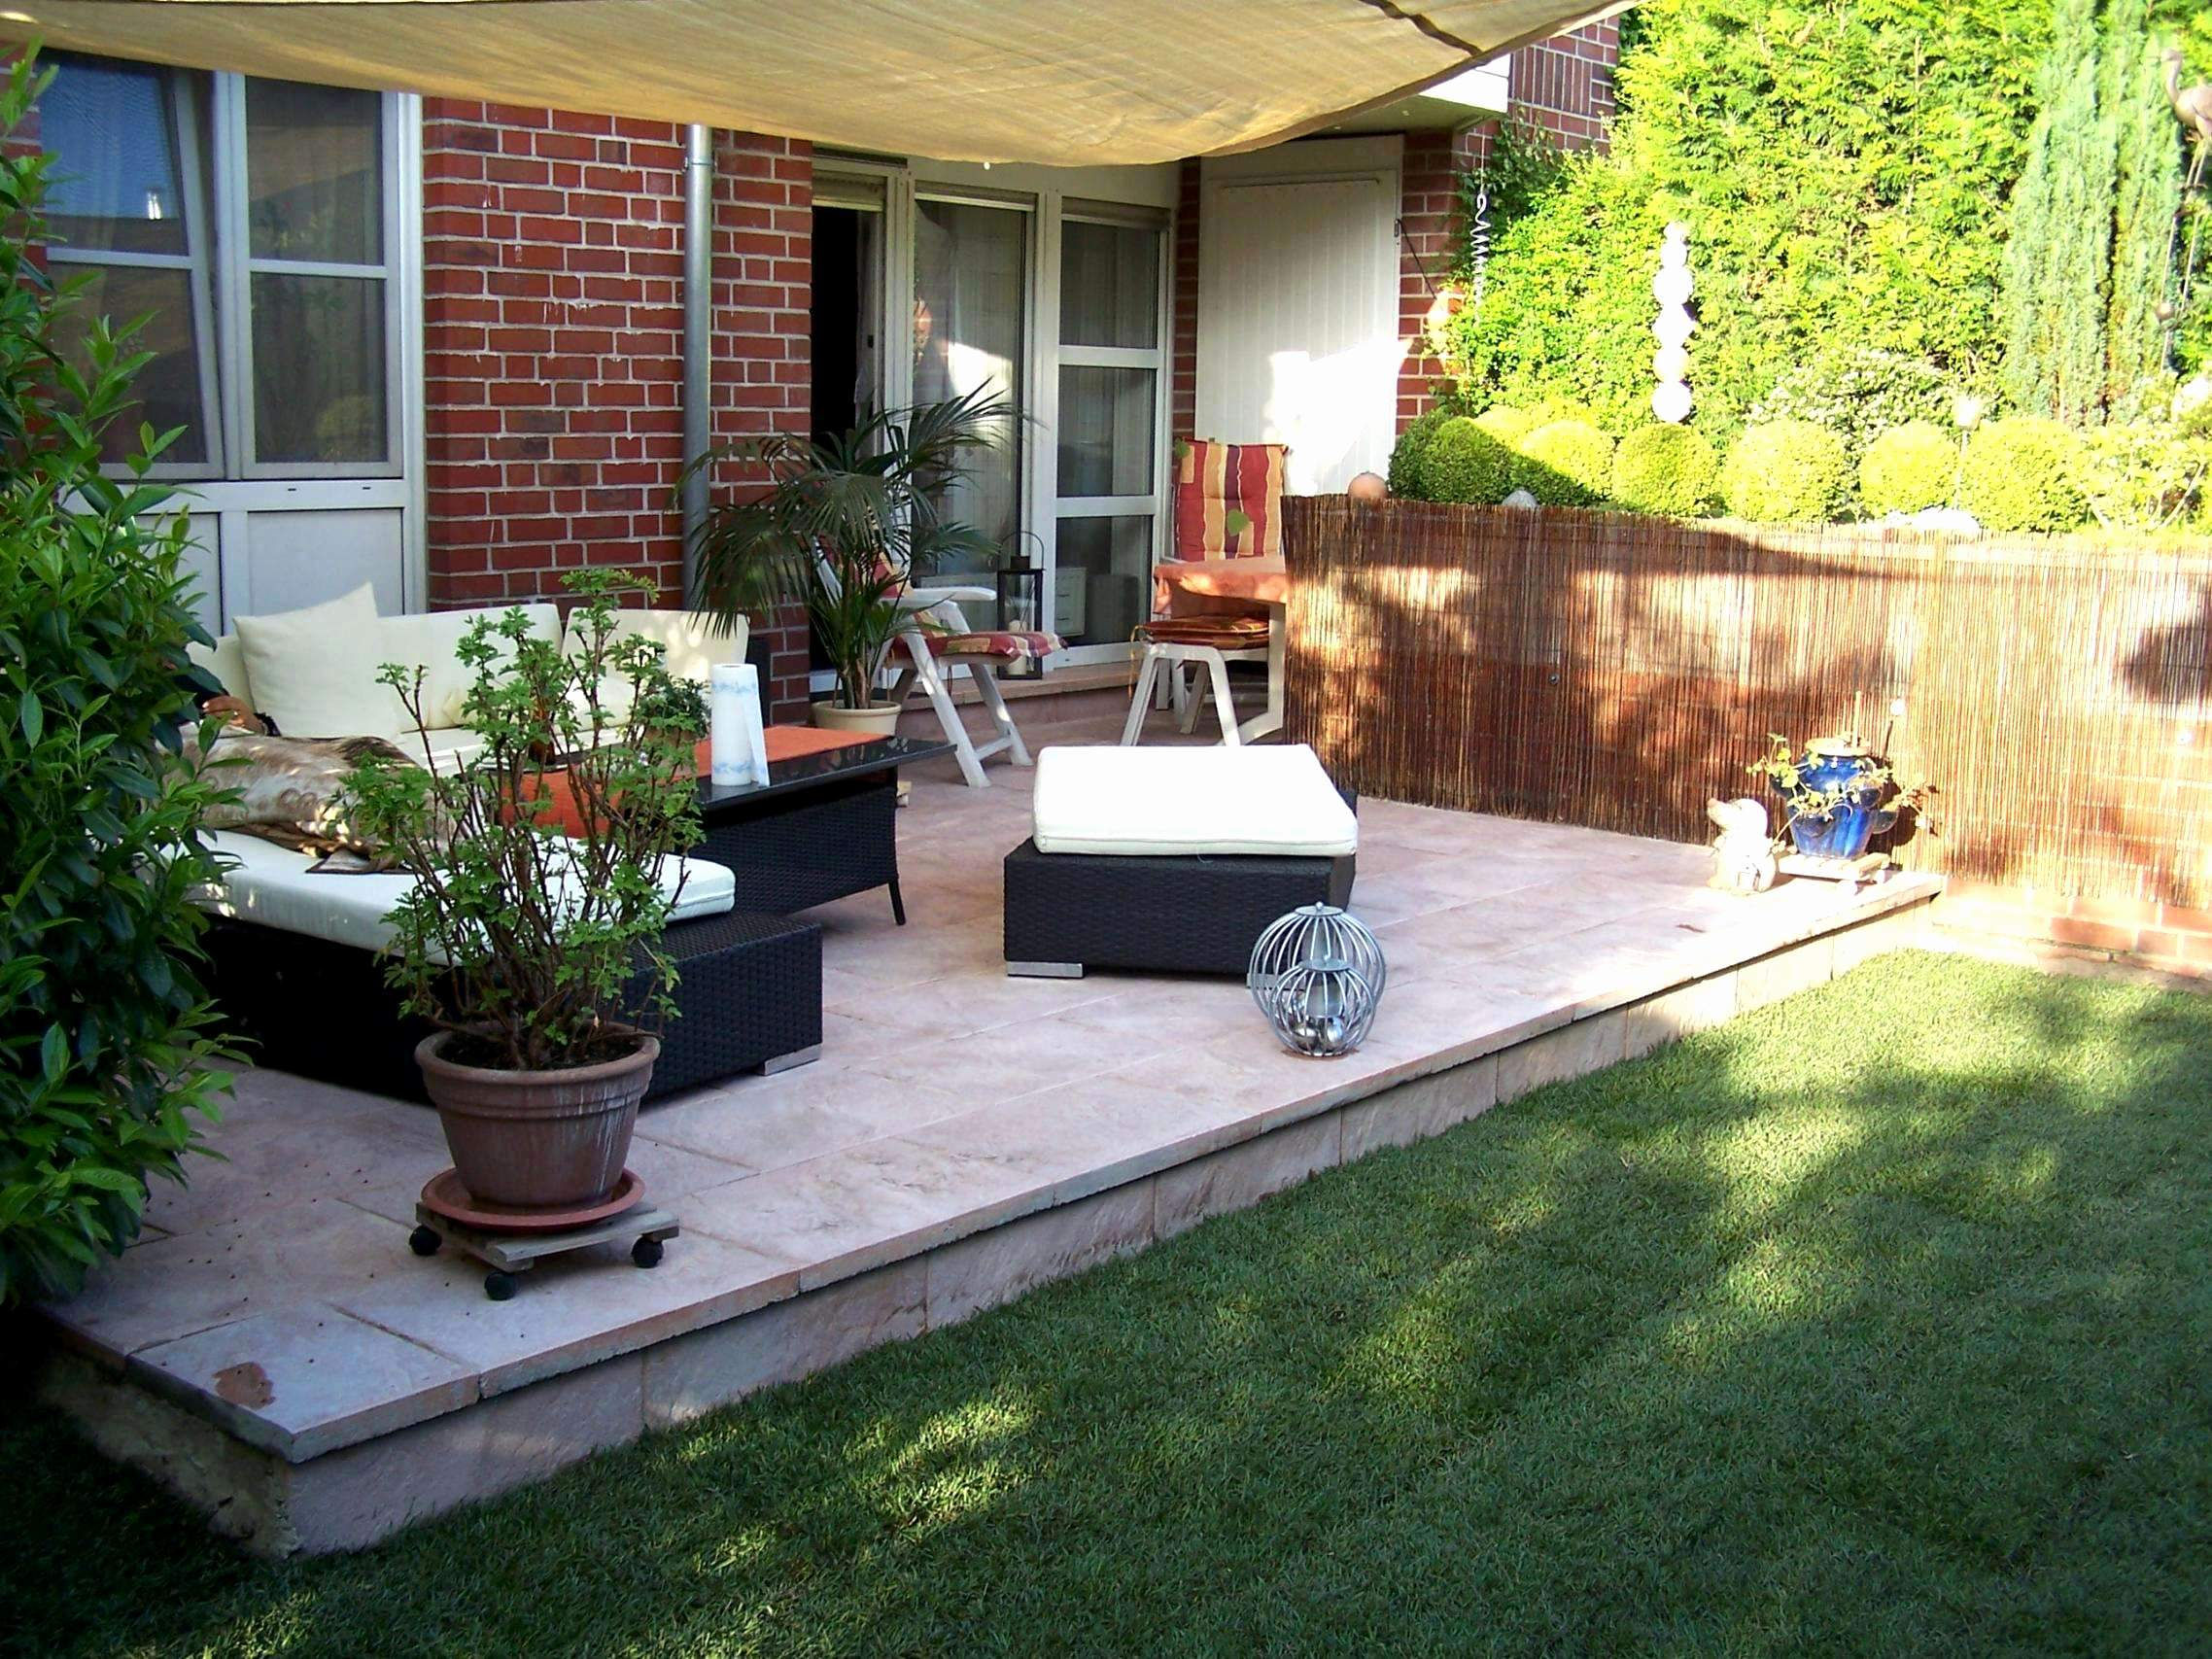 Terrasse Modern Gestalten Genial 26 Genial Garten Modern Gestalten Einzigartig